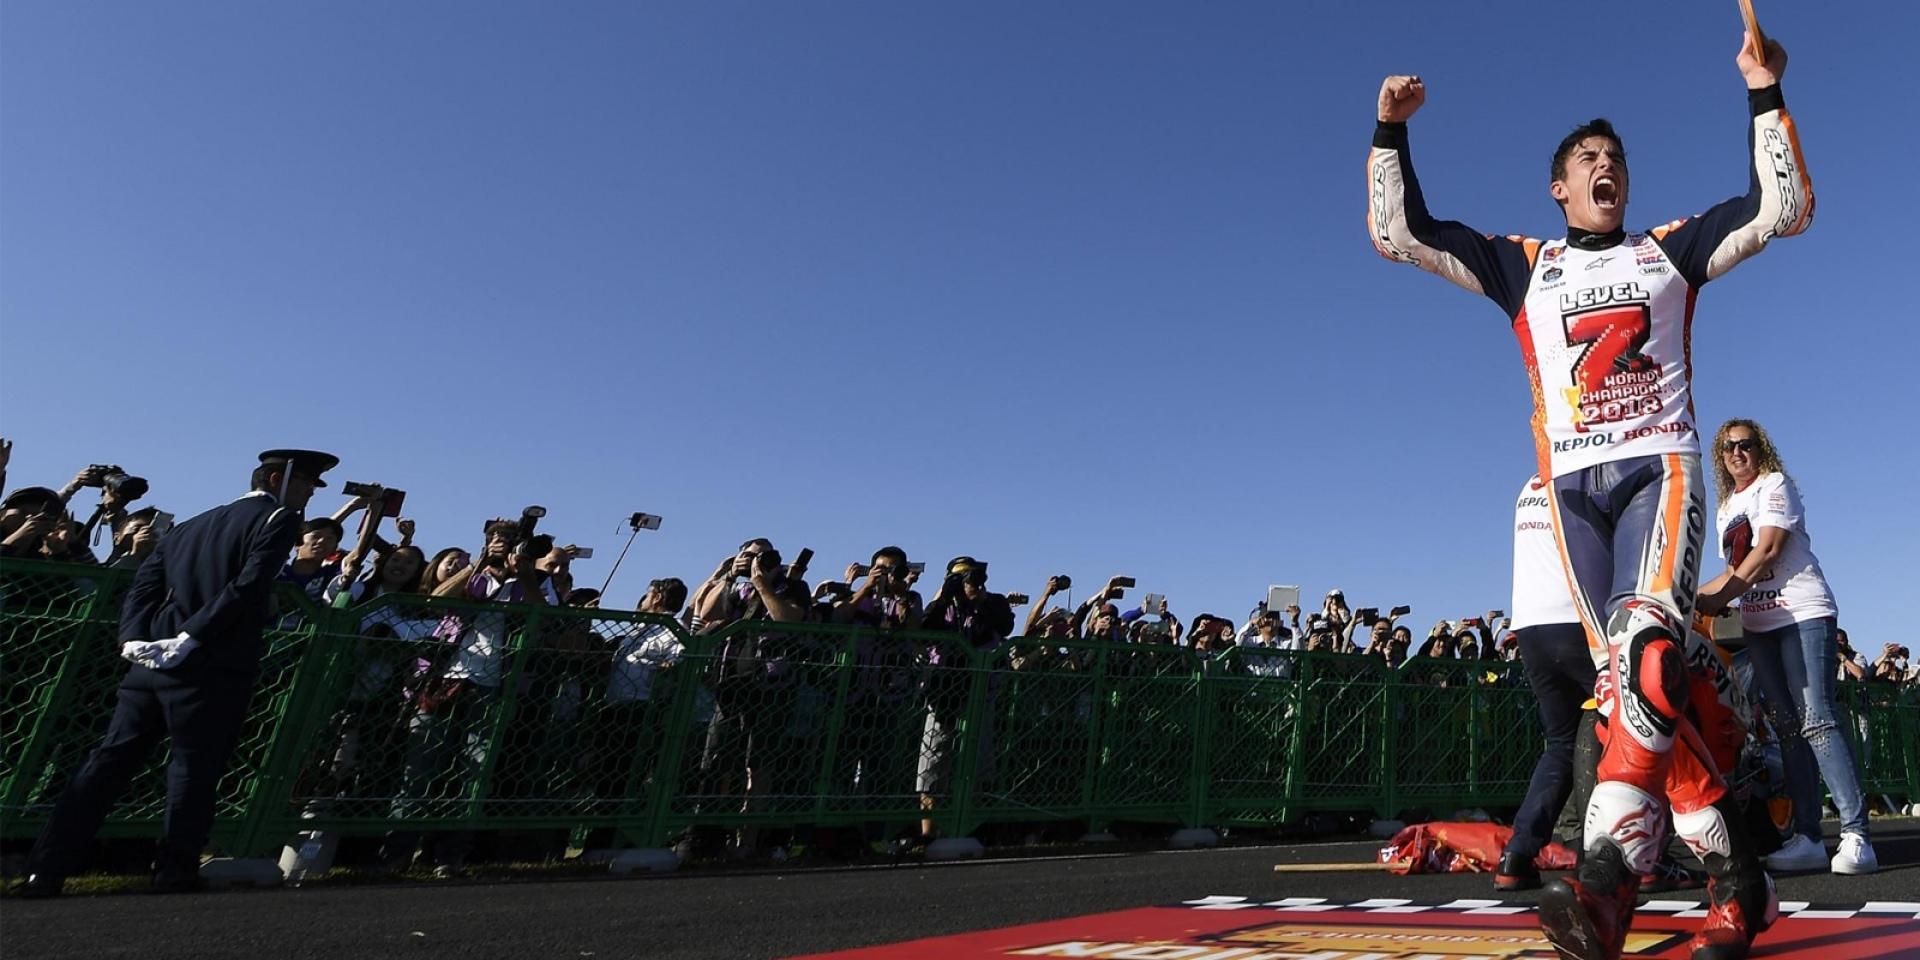 官方新聞稿。歡慶Marc Marquez MotoGP 三連霸「Marc Marquez 2018世界冠軍紀念T恤」來店試乘限量好禮加碼